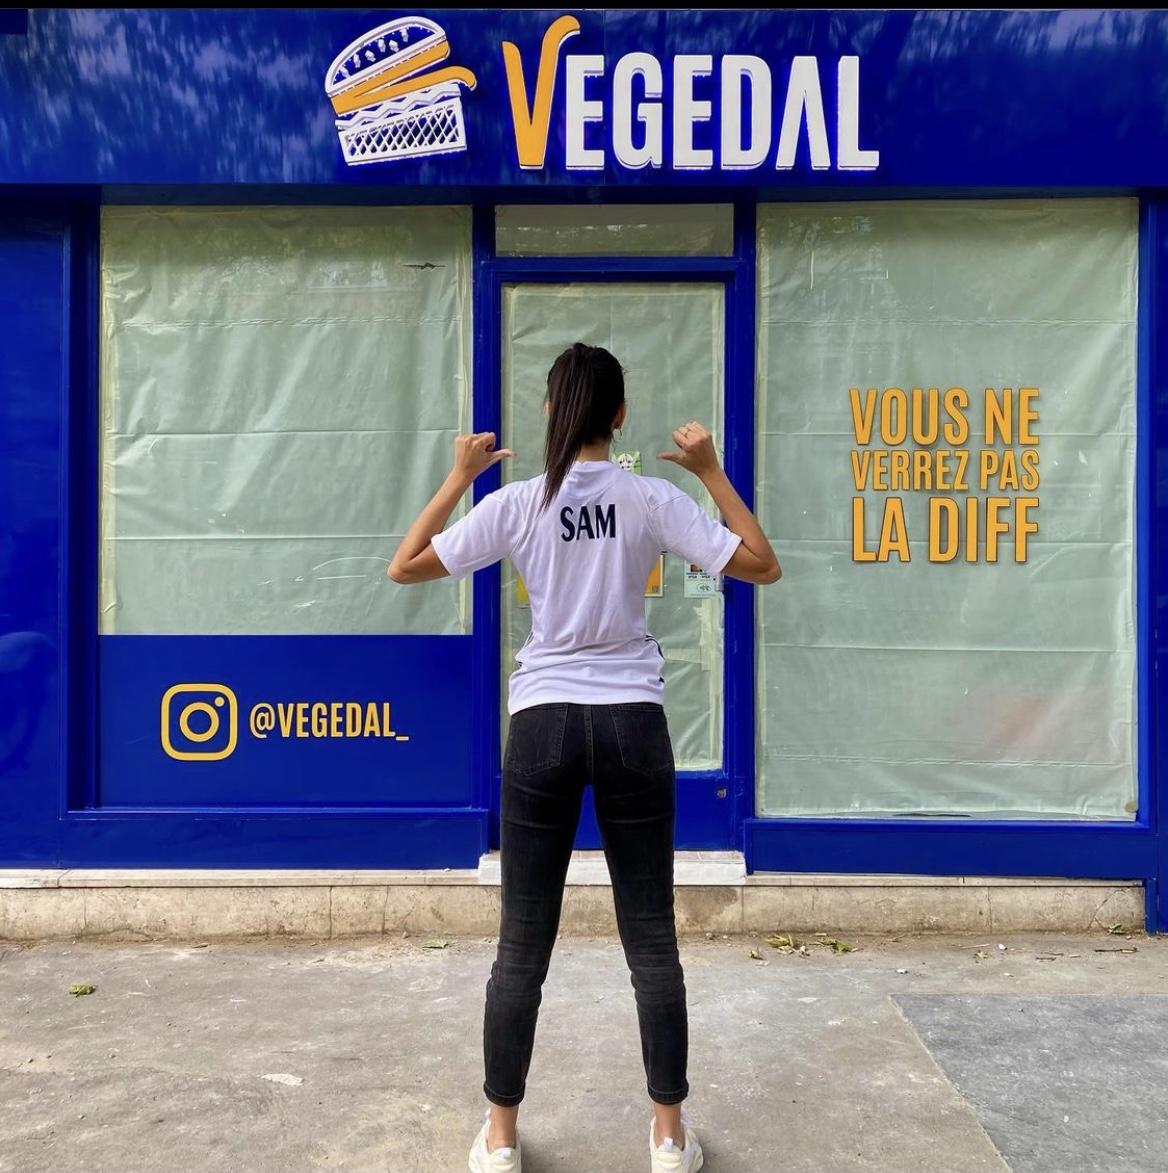 Vegedal : un nouveau fast food vegan à Alexandre Dumas